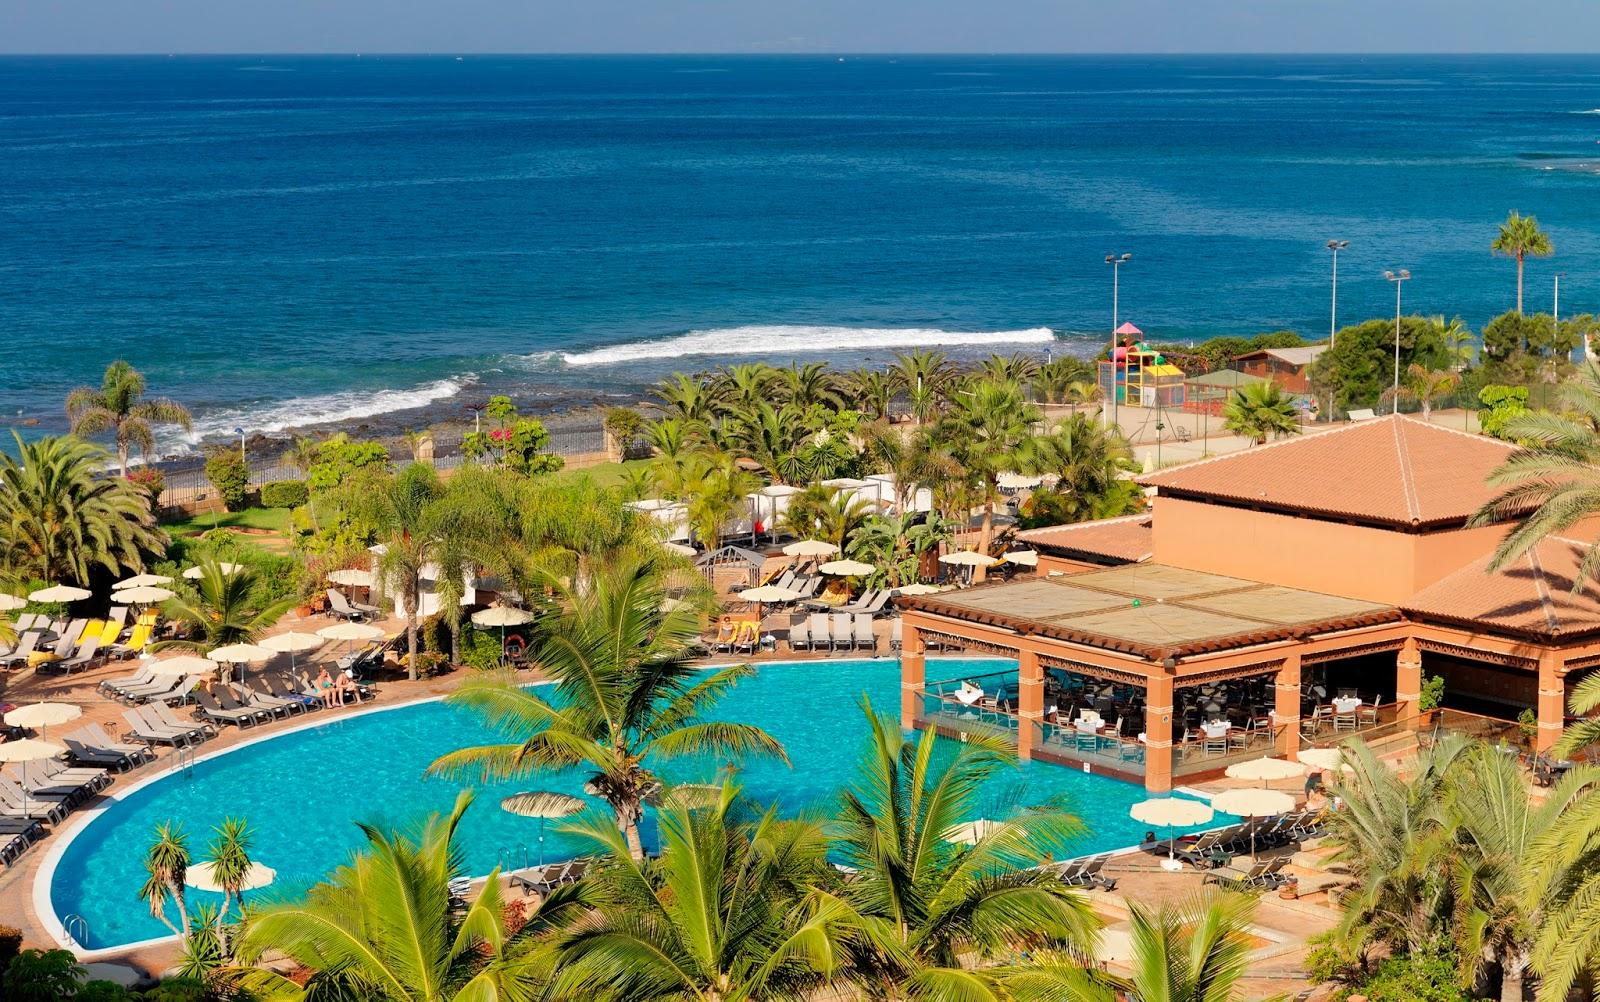 Spain, Canary Islands, Tenerife, Costa Adeje, H10 Costa Adeje Palace